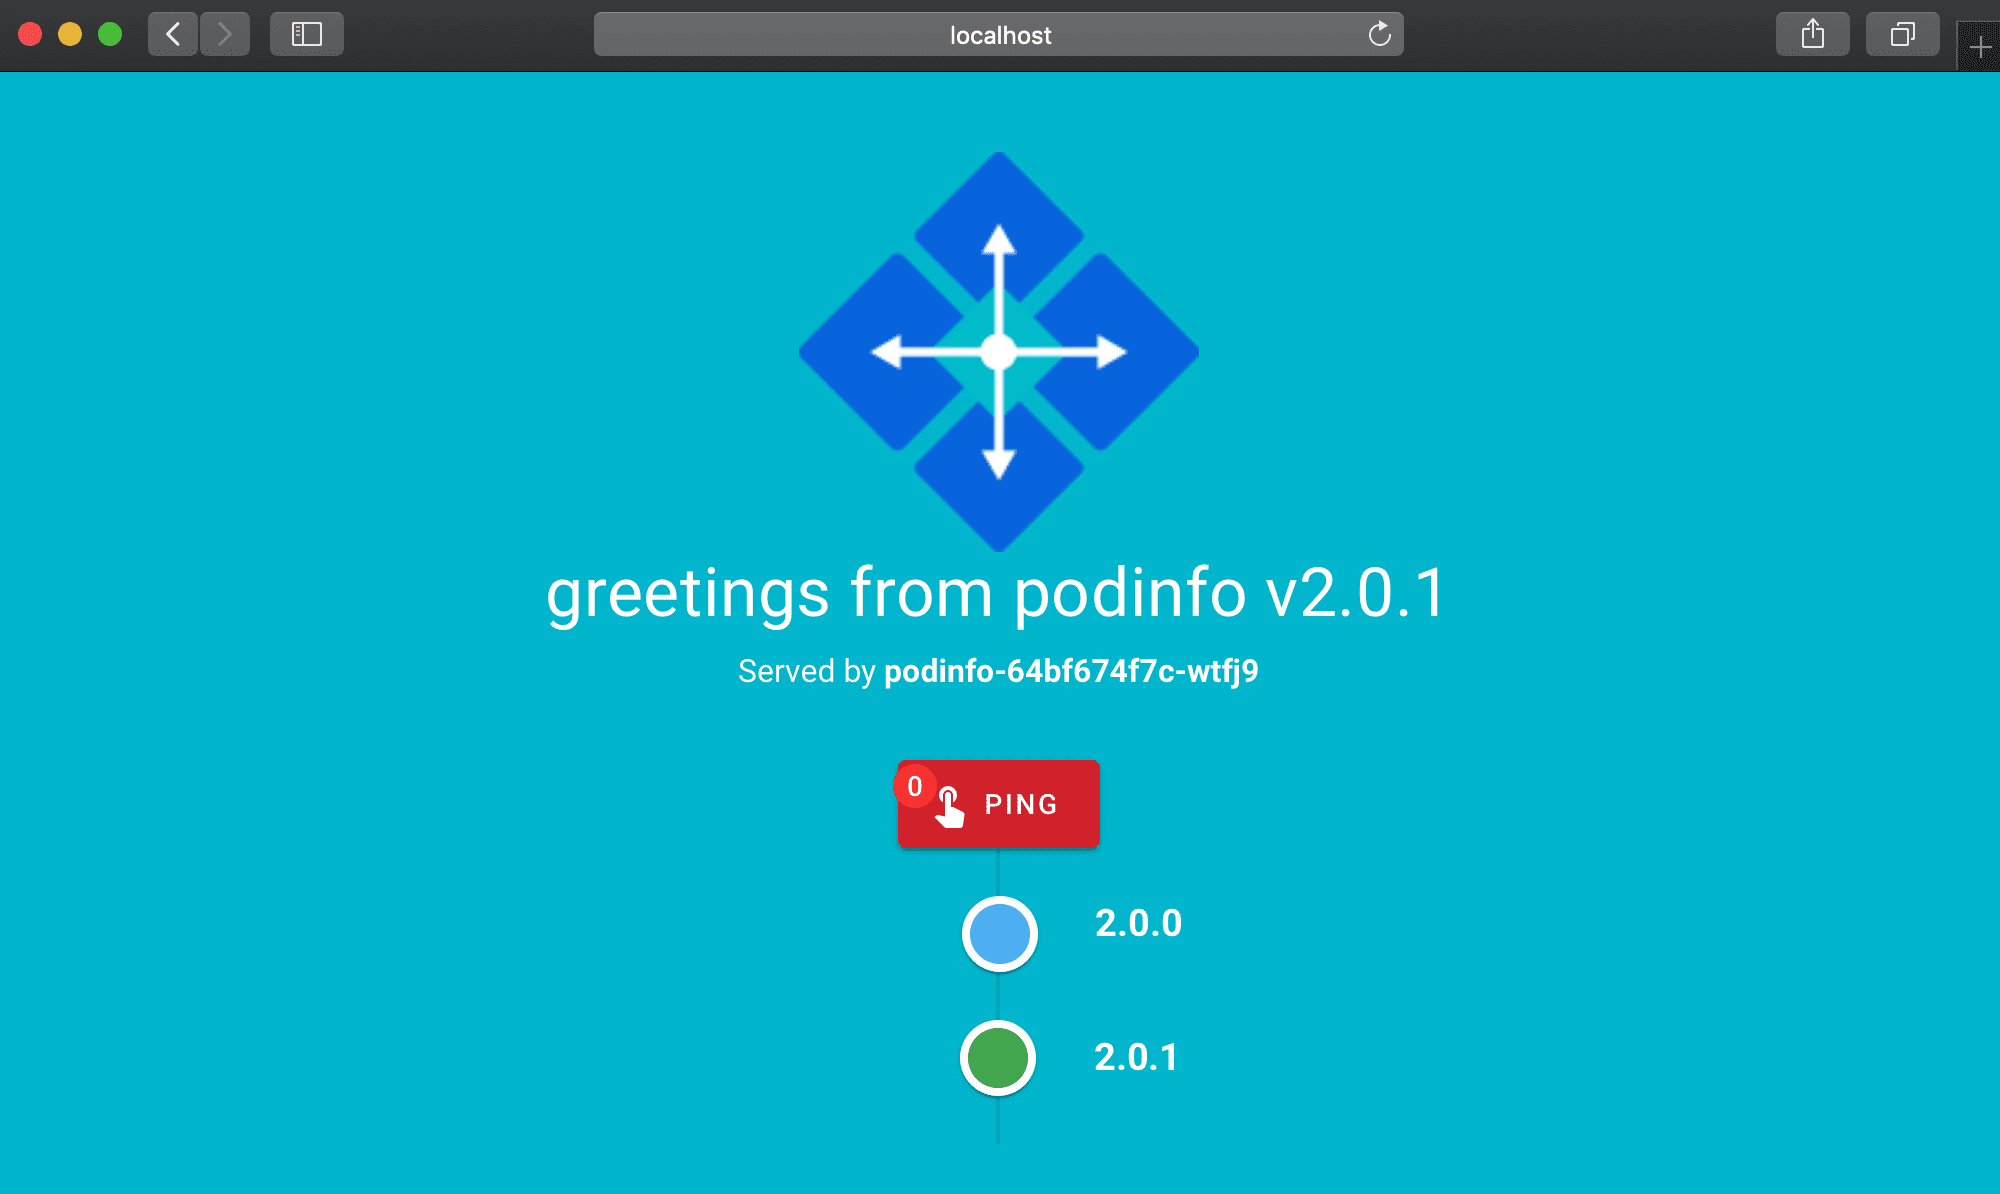 podinfo-ui